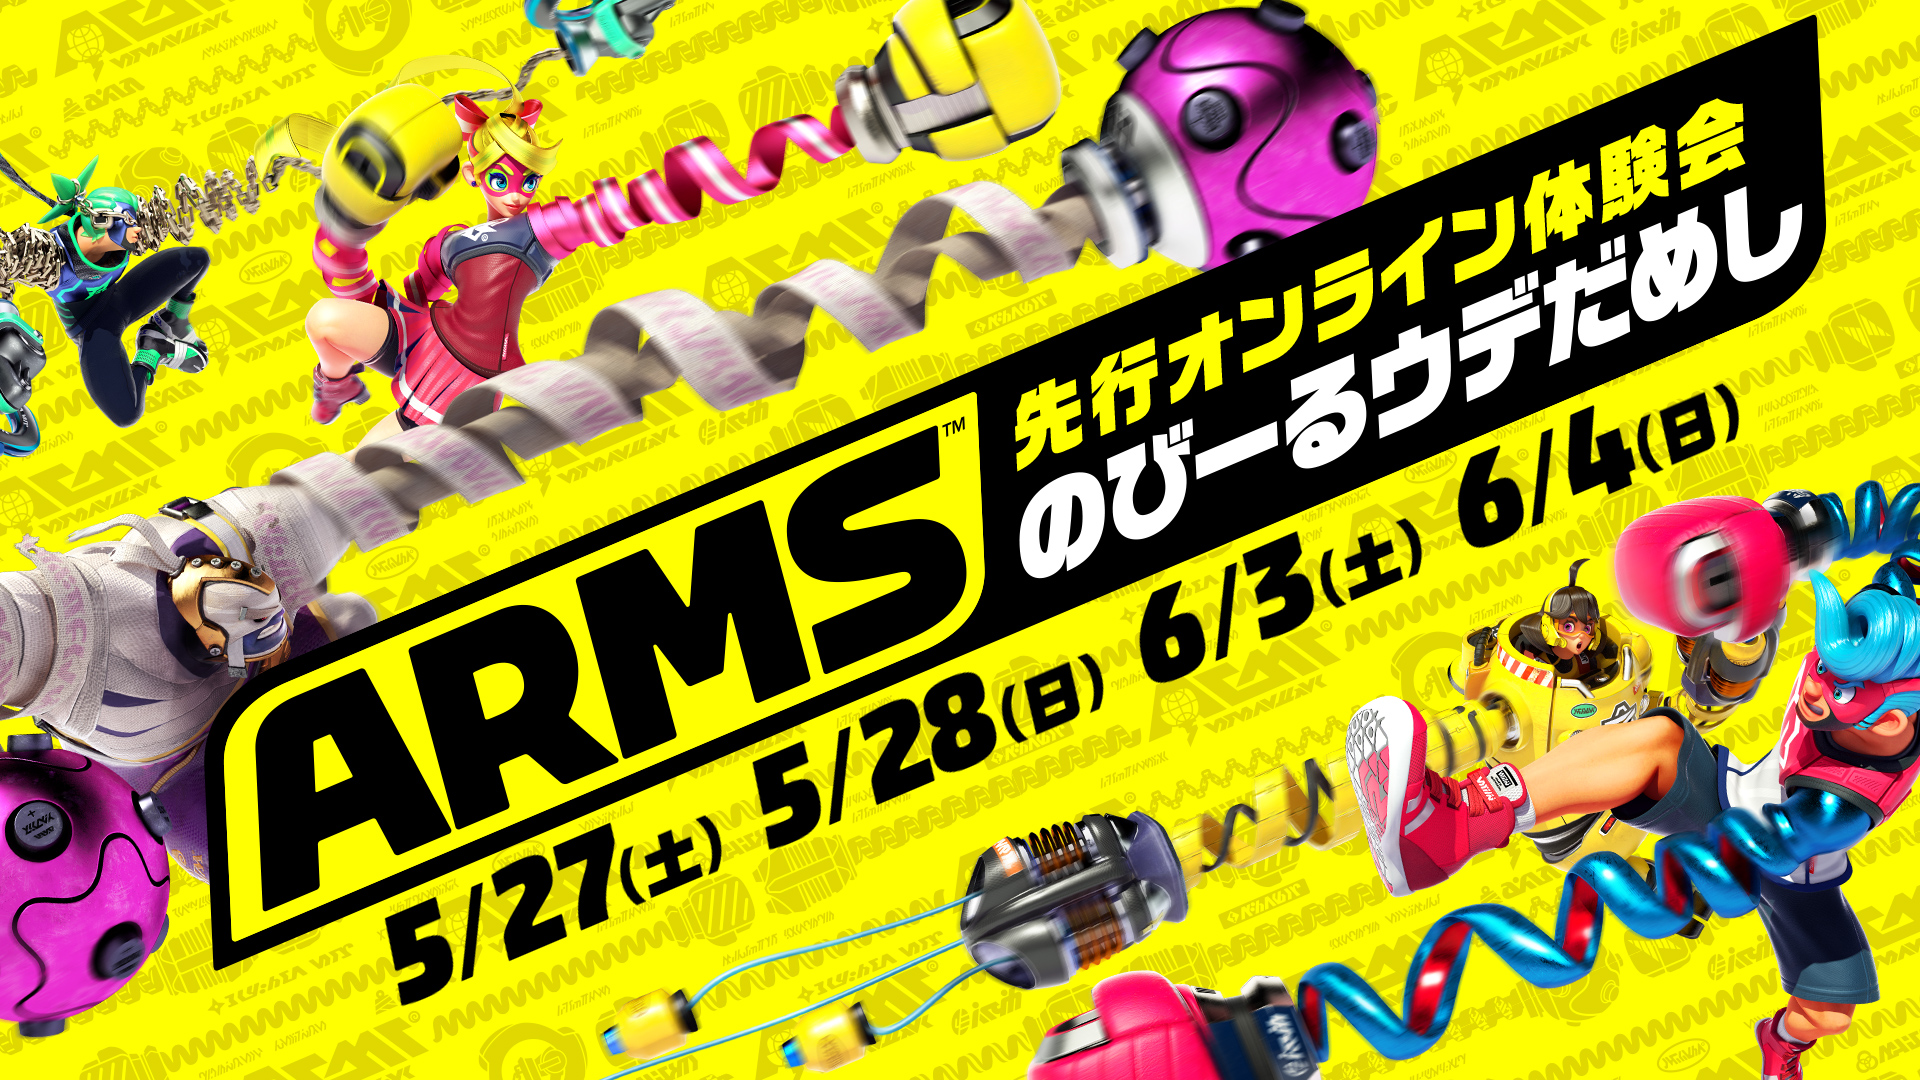 ついに今日『ARMS』の先行オンライン体験会が開催されます!